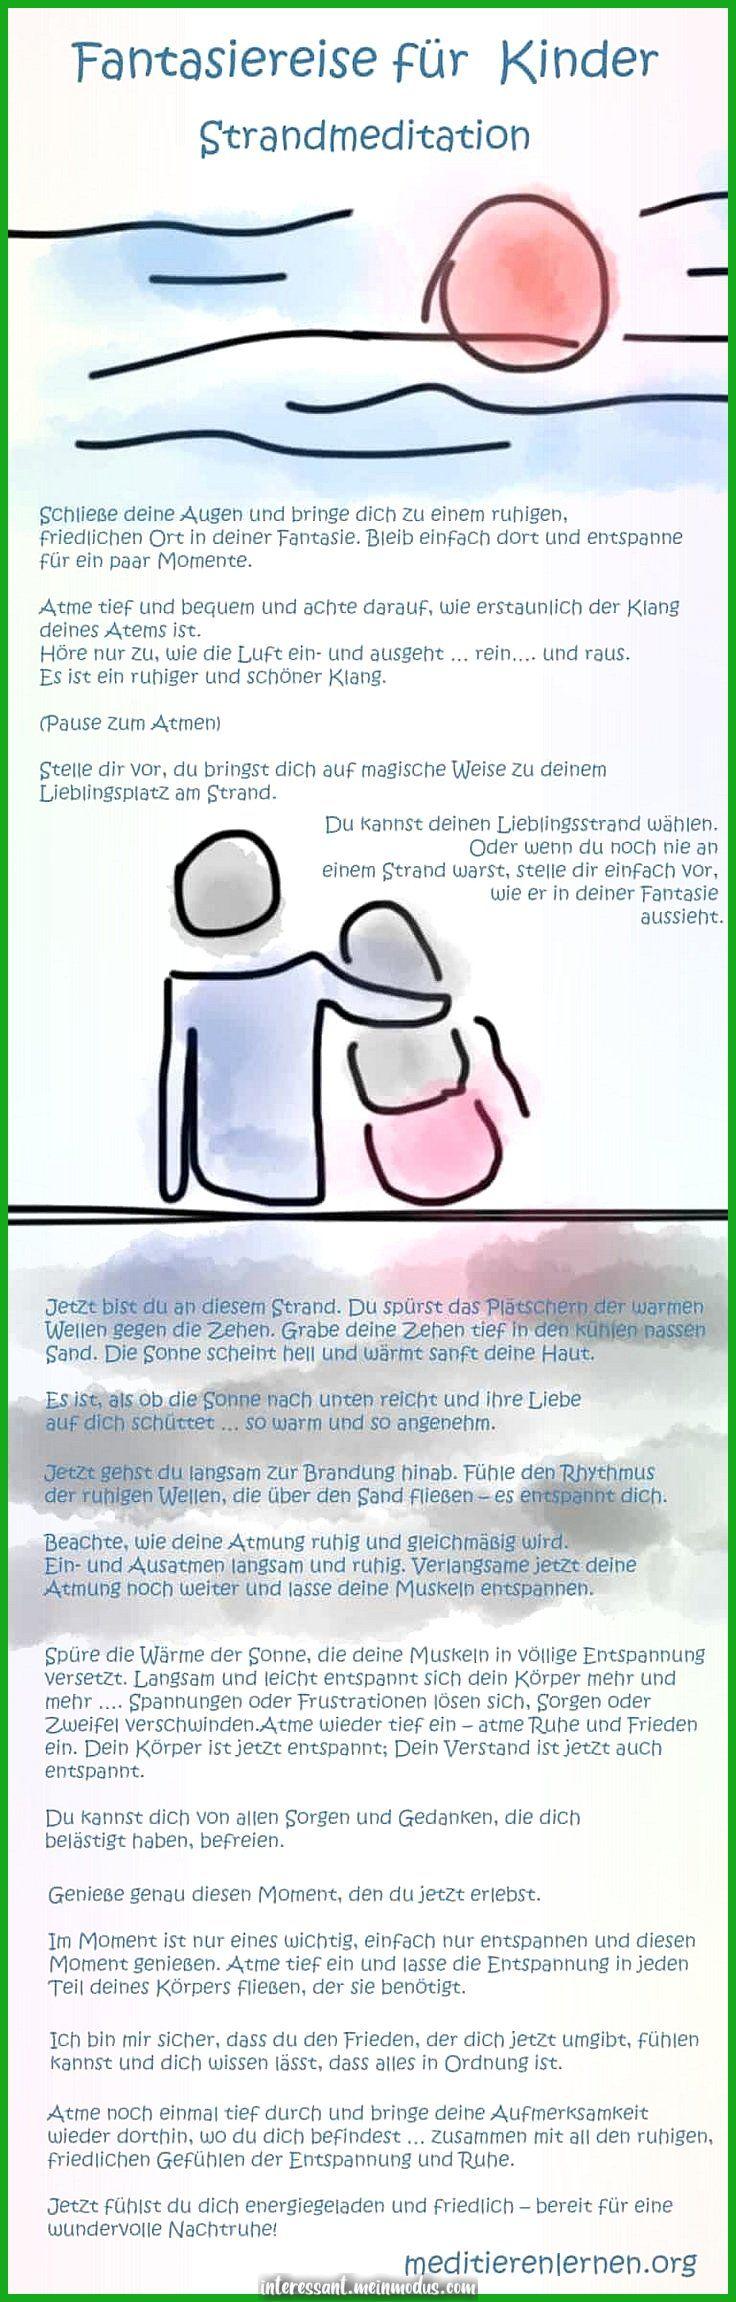 Interessant Meinmodus Com Reise Ideen Kreuzfahrt Reise Checkliste Reisetipps Reise Antrekk Geldgeschenk Reise Fantasiereisen Fur Kinder Fantasiereisen Traumreise Kinder